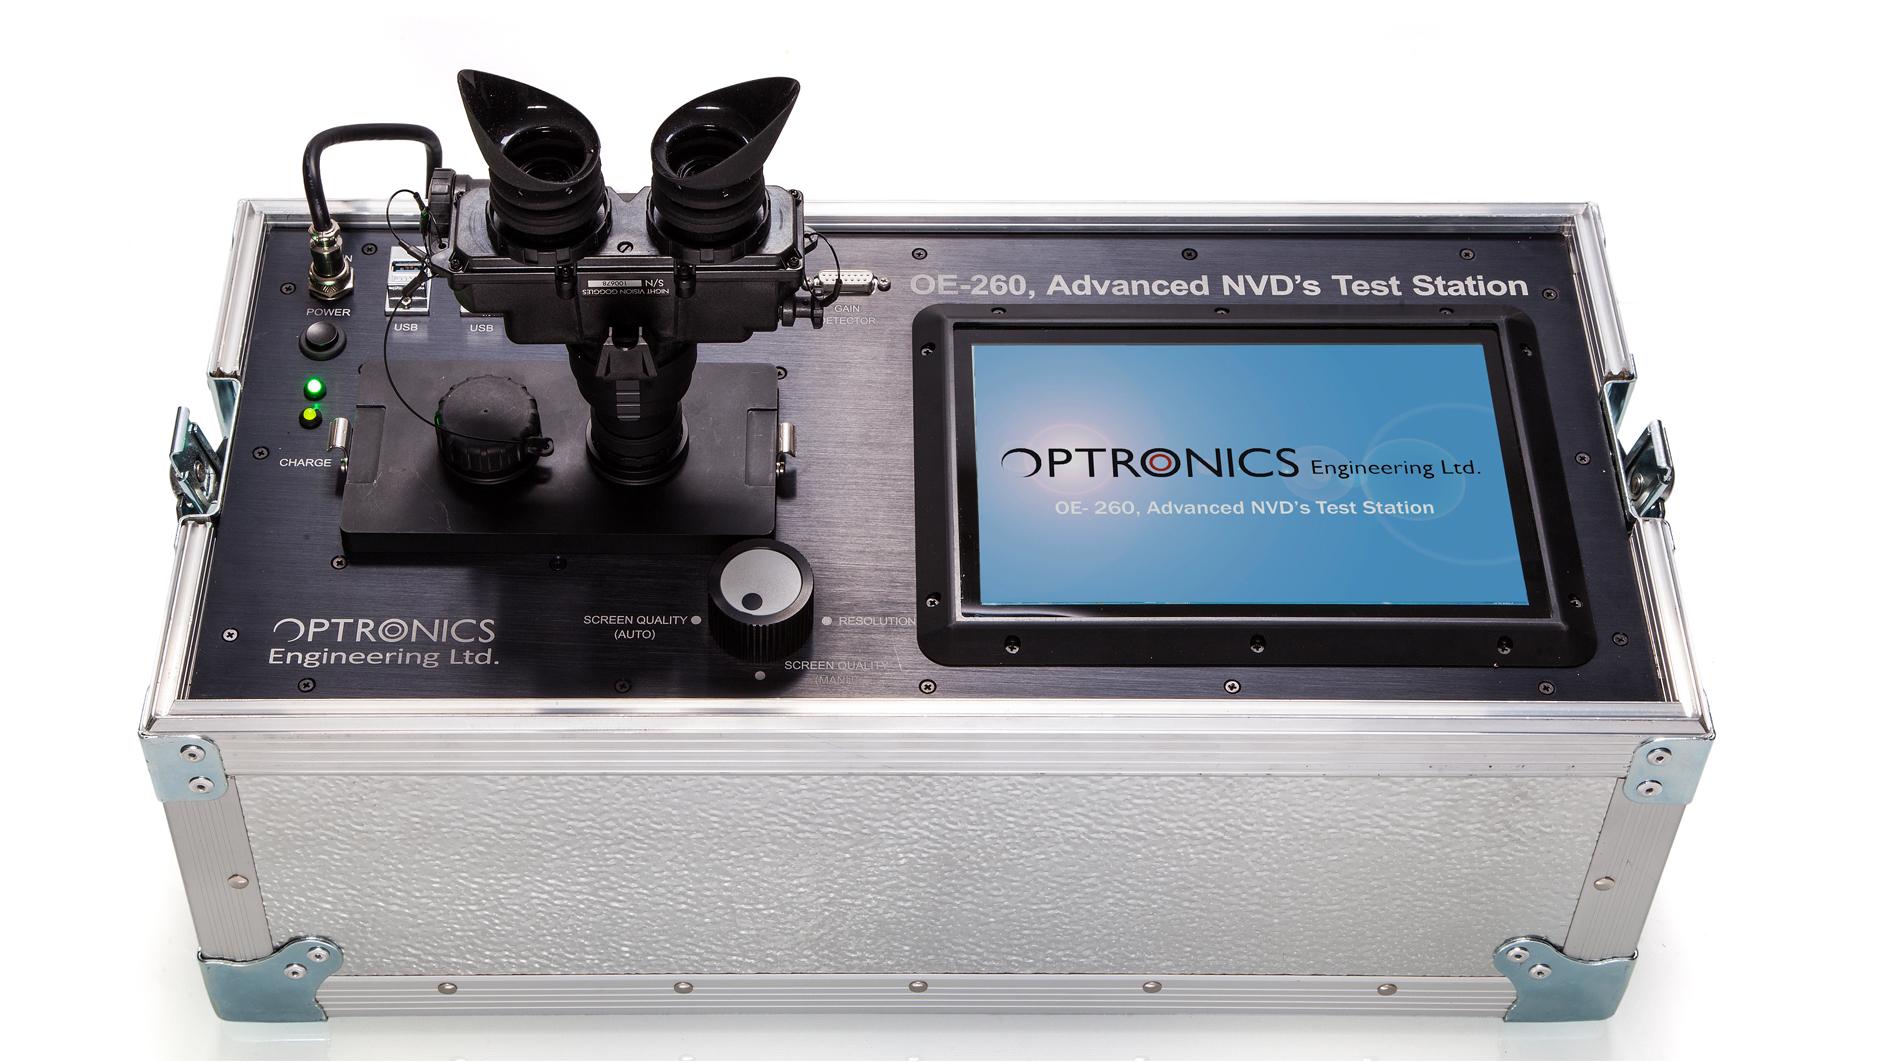 OE-260, Advanced NVD Test Set